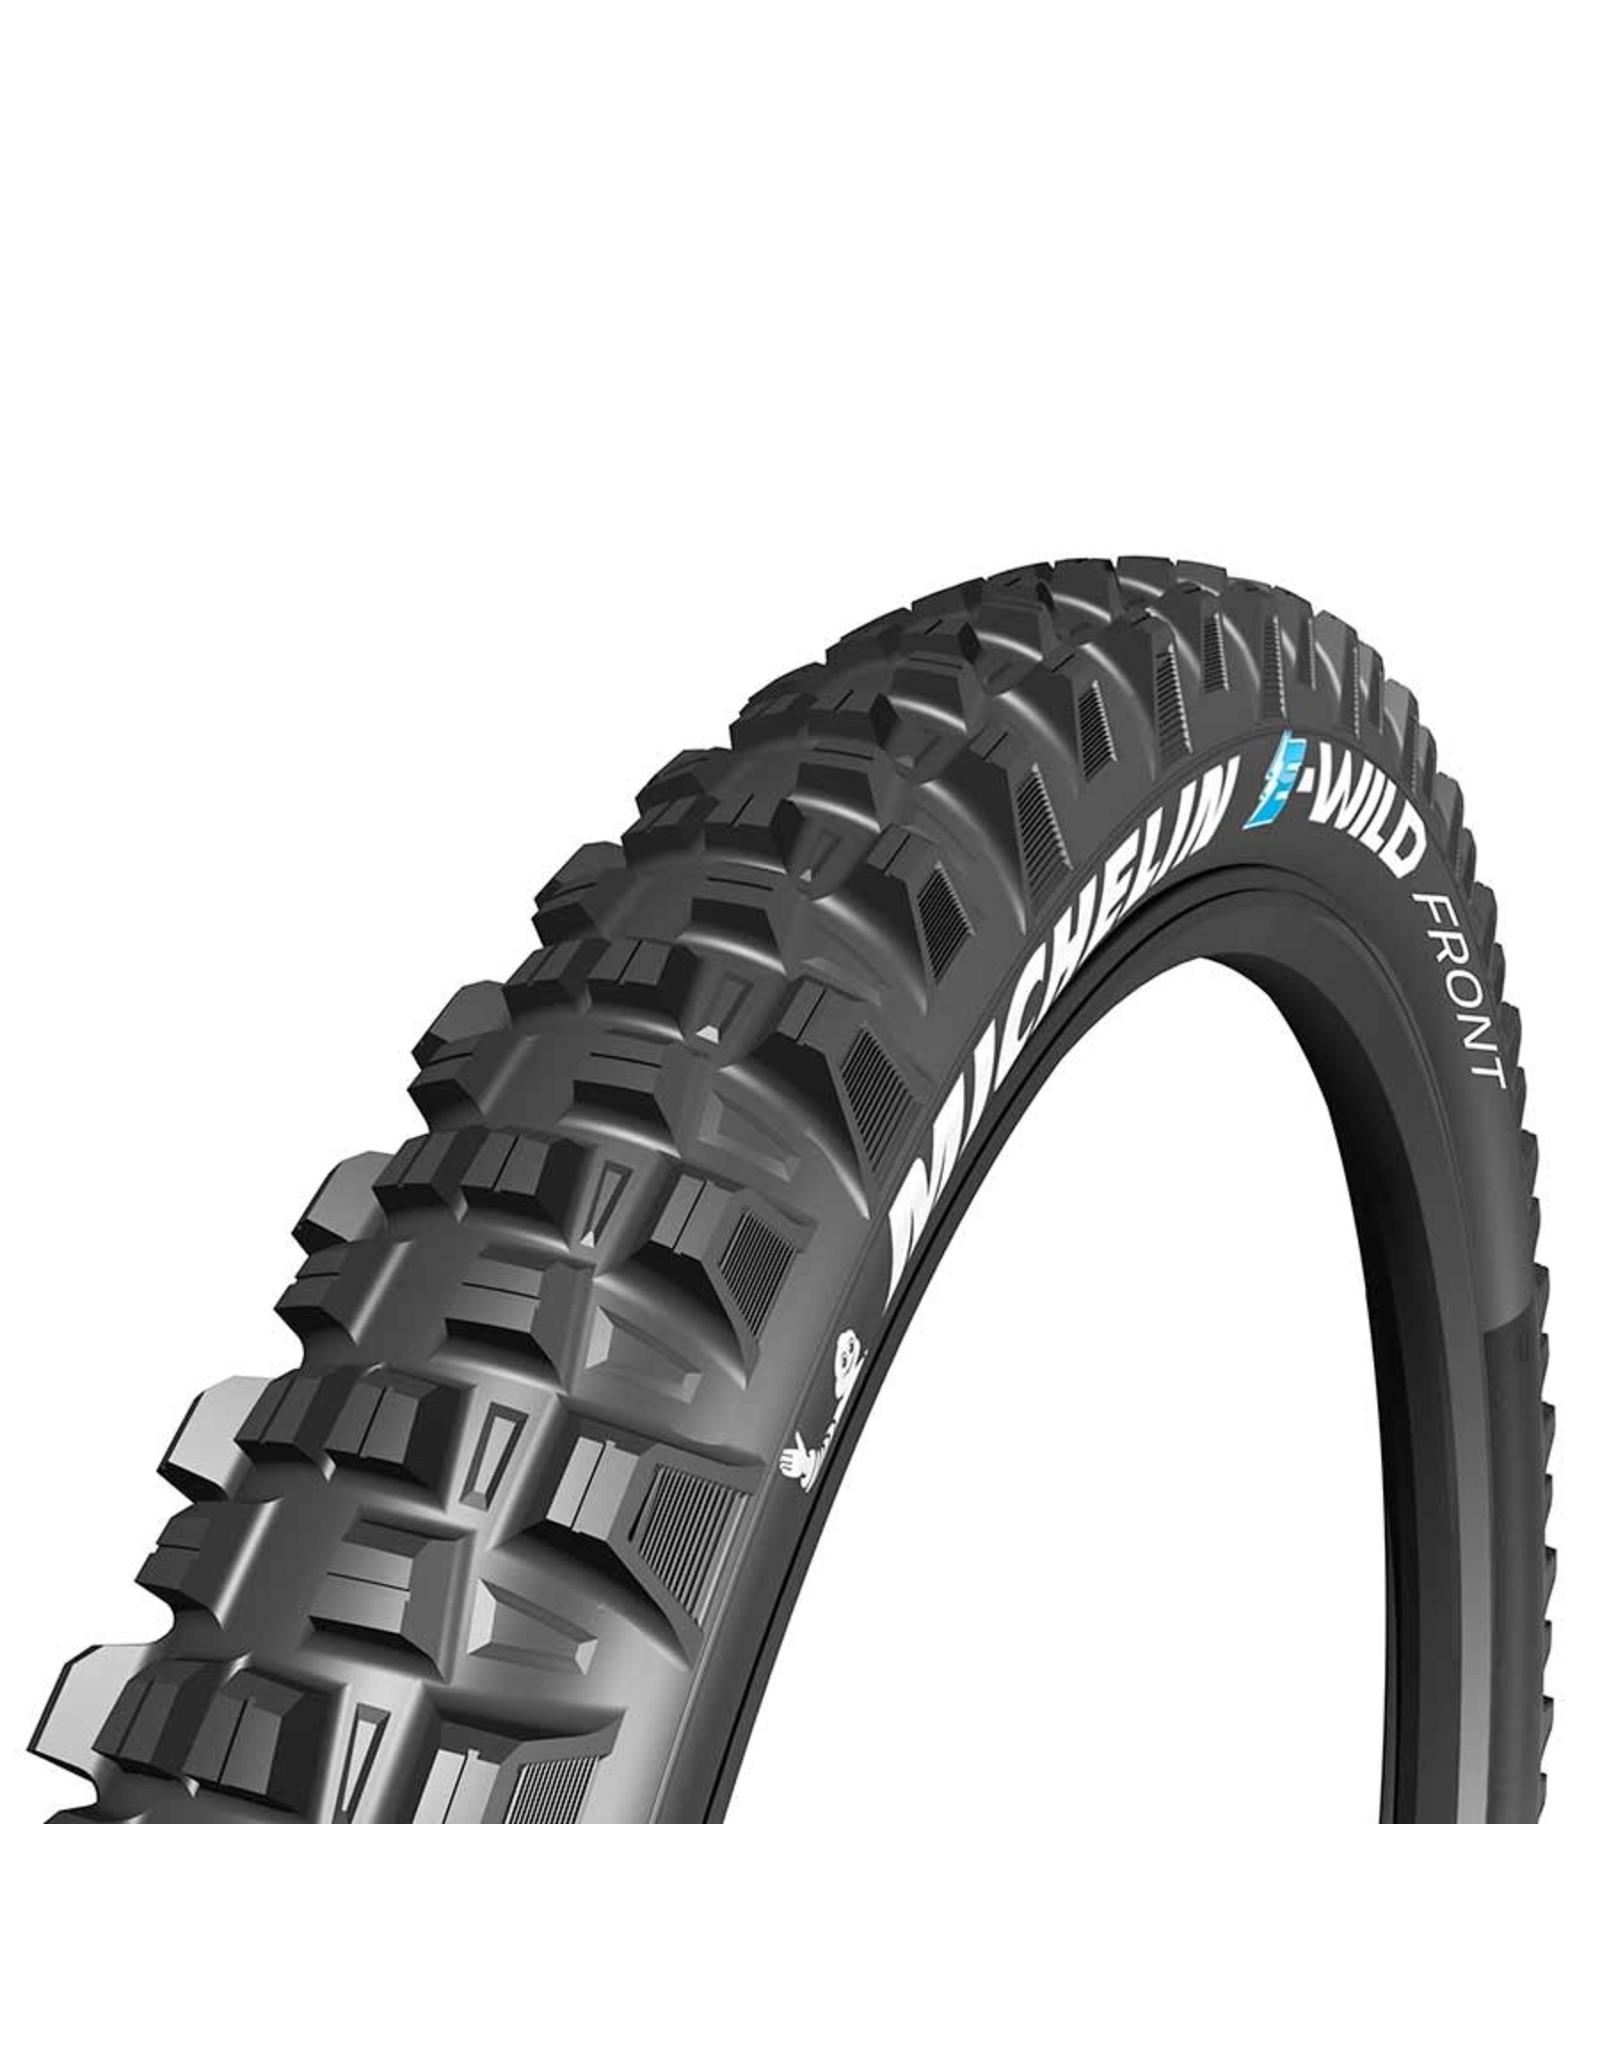 Michelin Michelin, E-Wild Front, Tire, 27.5''x2.60, Folding, Tubeless Ready, E-GUM-X, GravityShield, 3x60TPI, Black